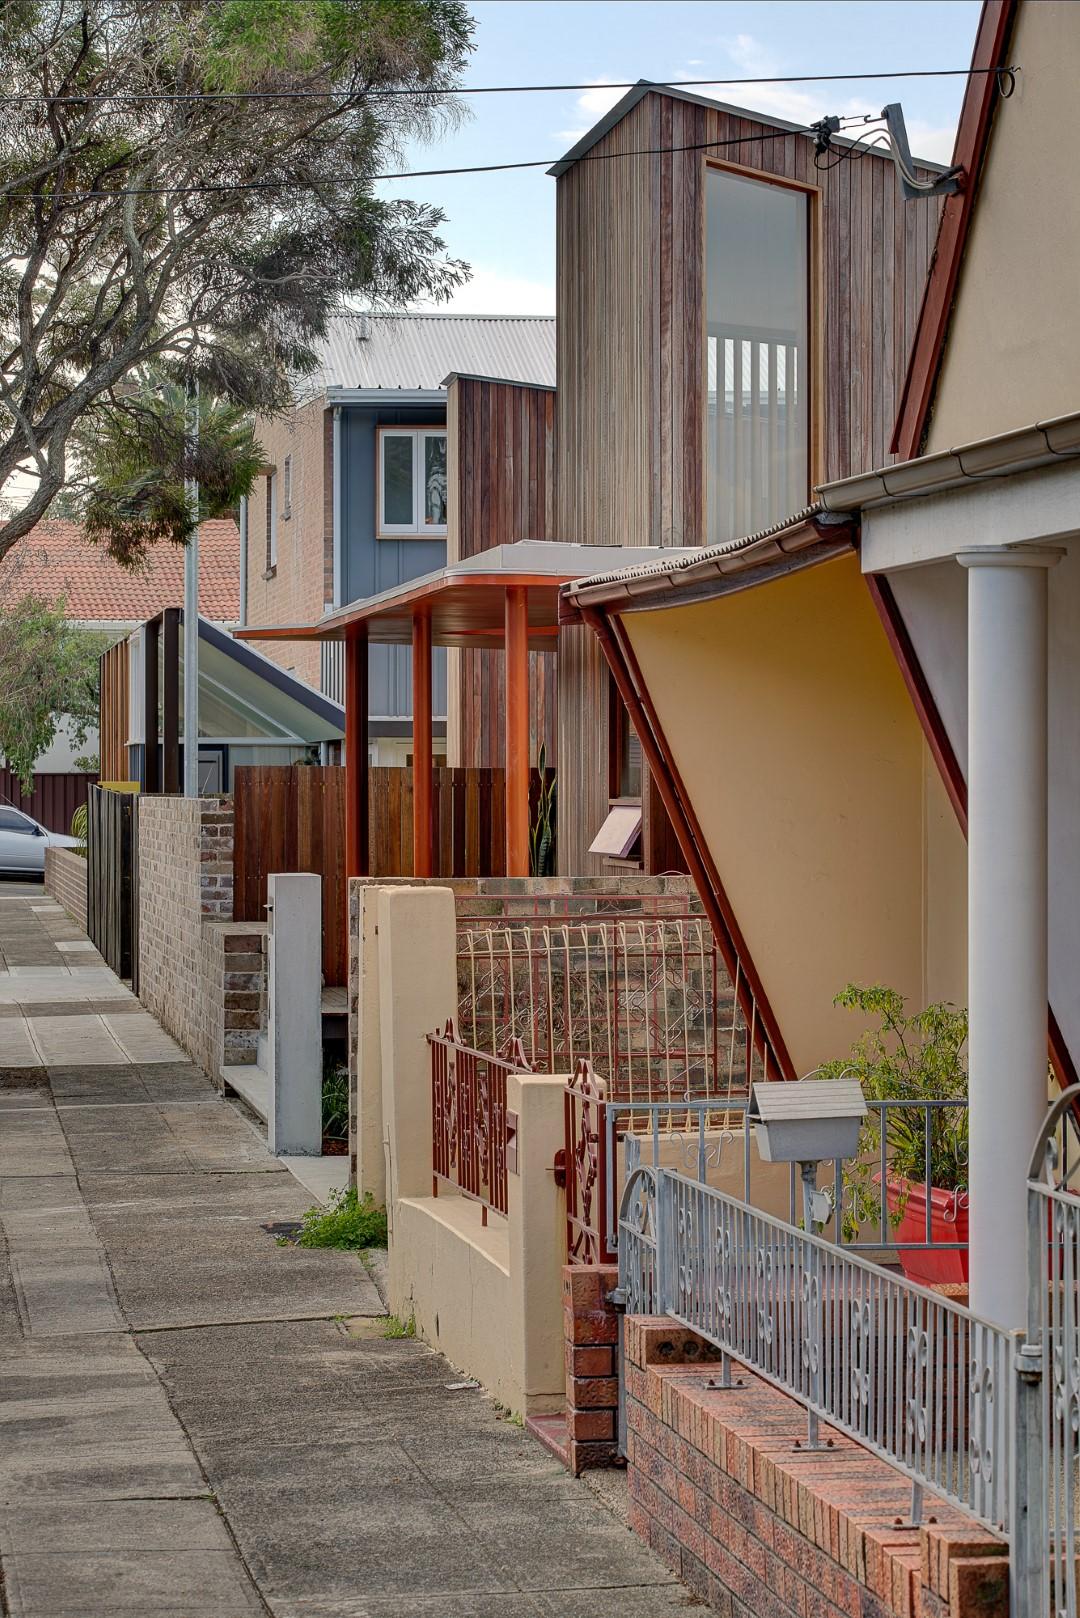 3 Houses Marrickville